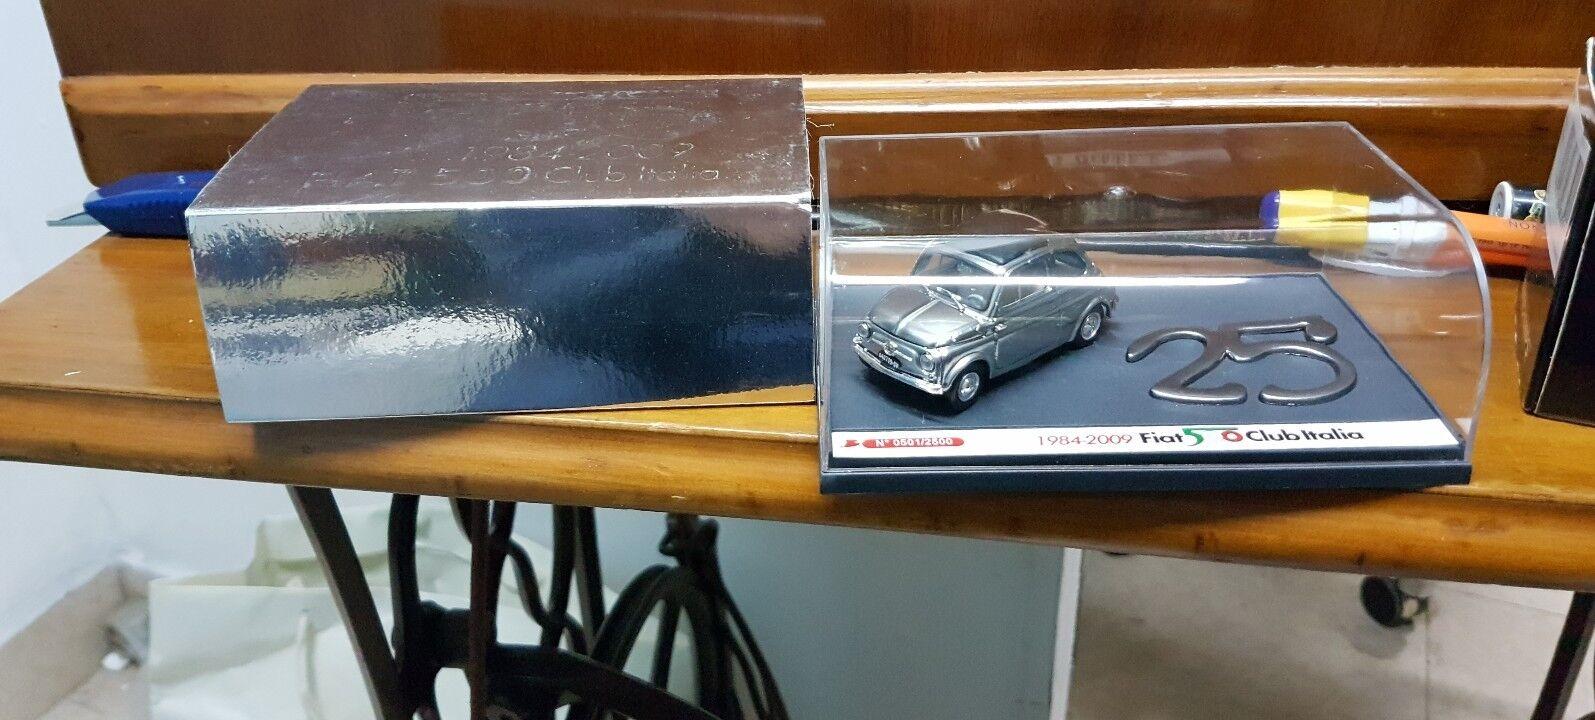 Brumm Fiat 500  club Italia 1984 -2009 25 anniversario anniversario anniversario 697098